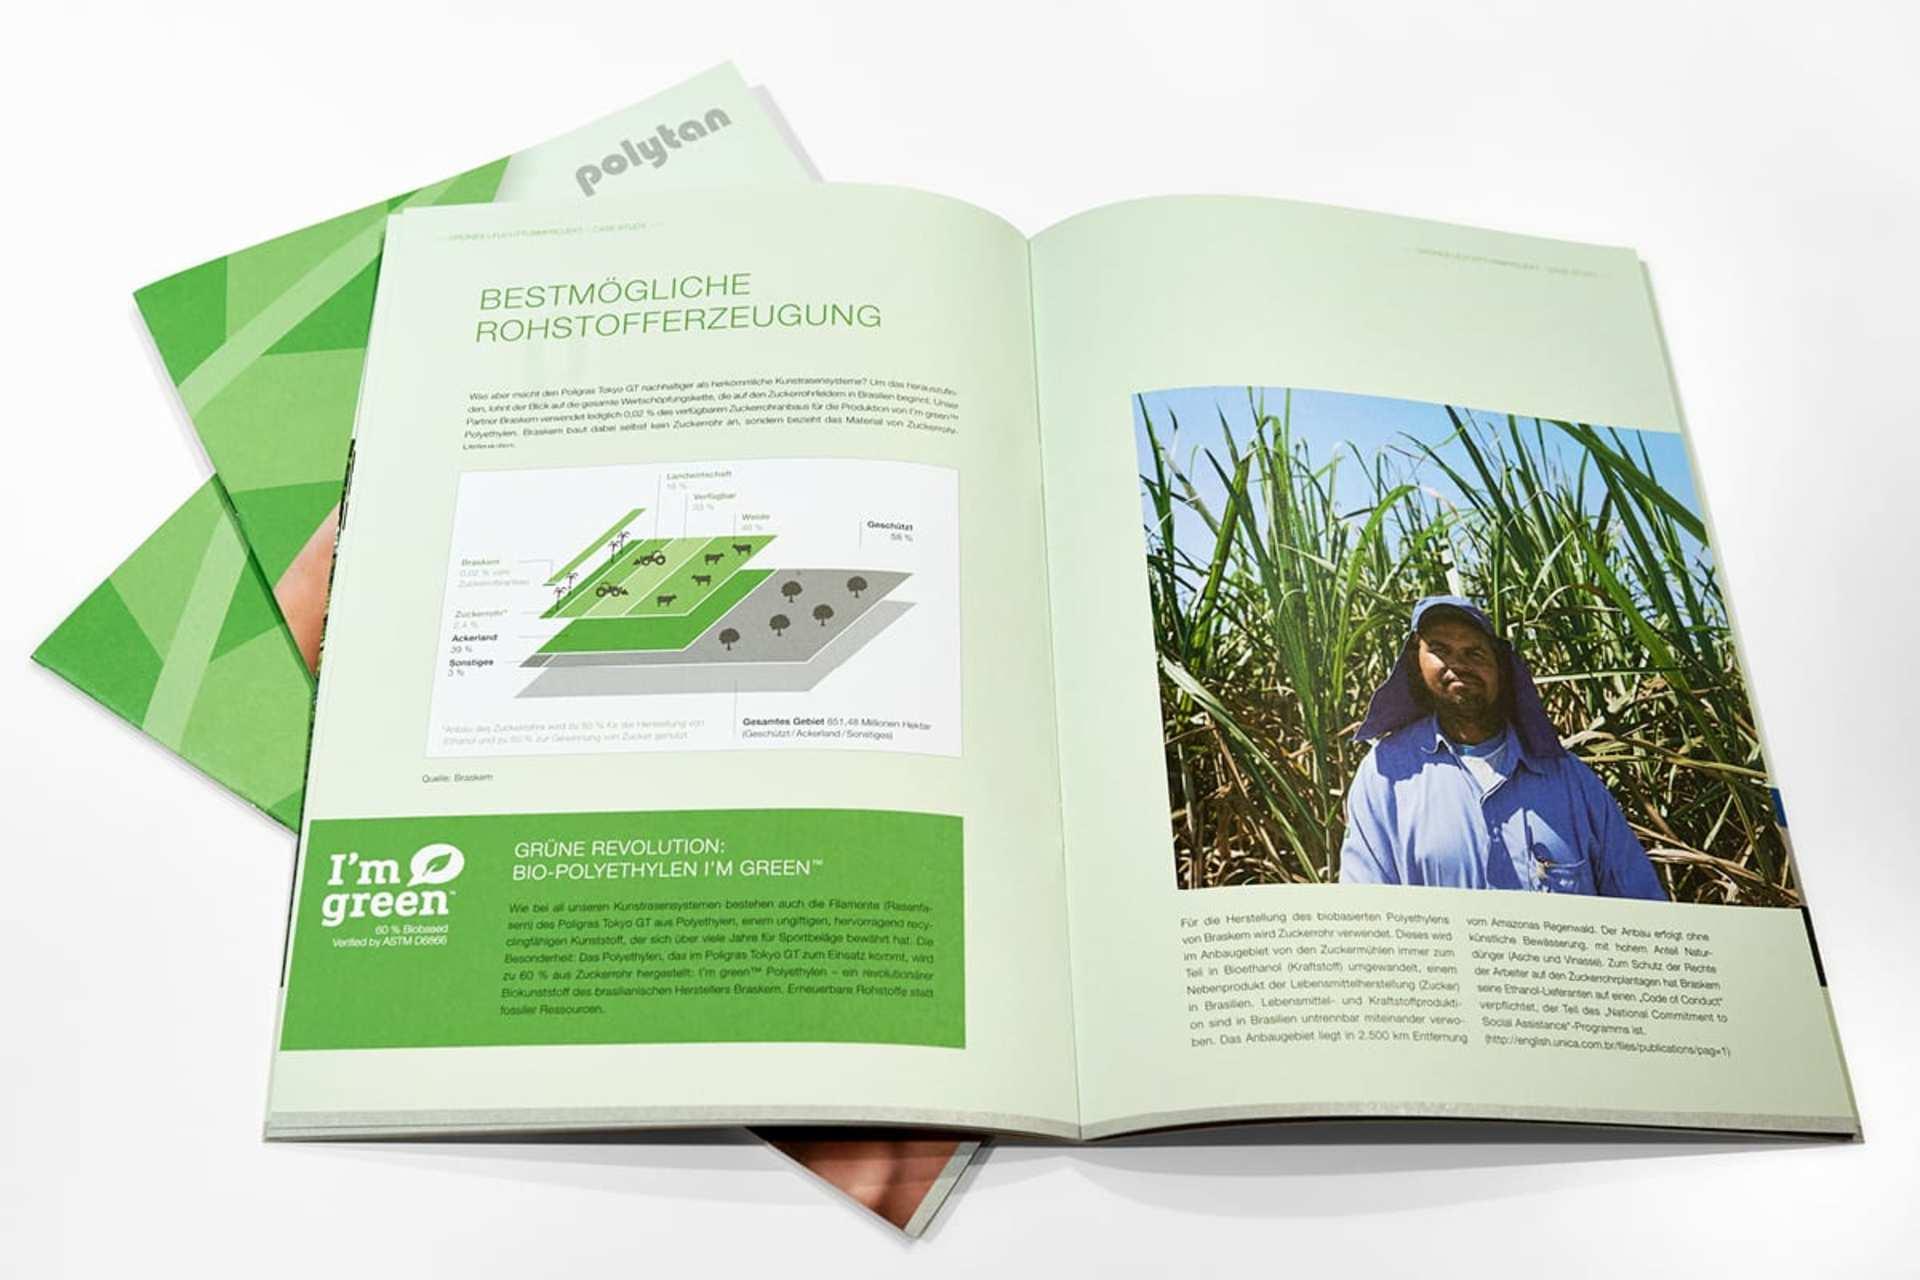 Website_Nachhaltigkeit_GT_Broschuere_1200x800px